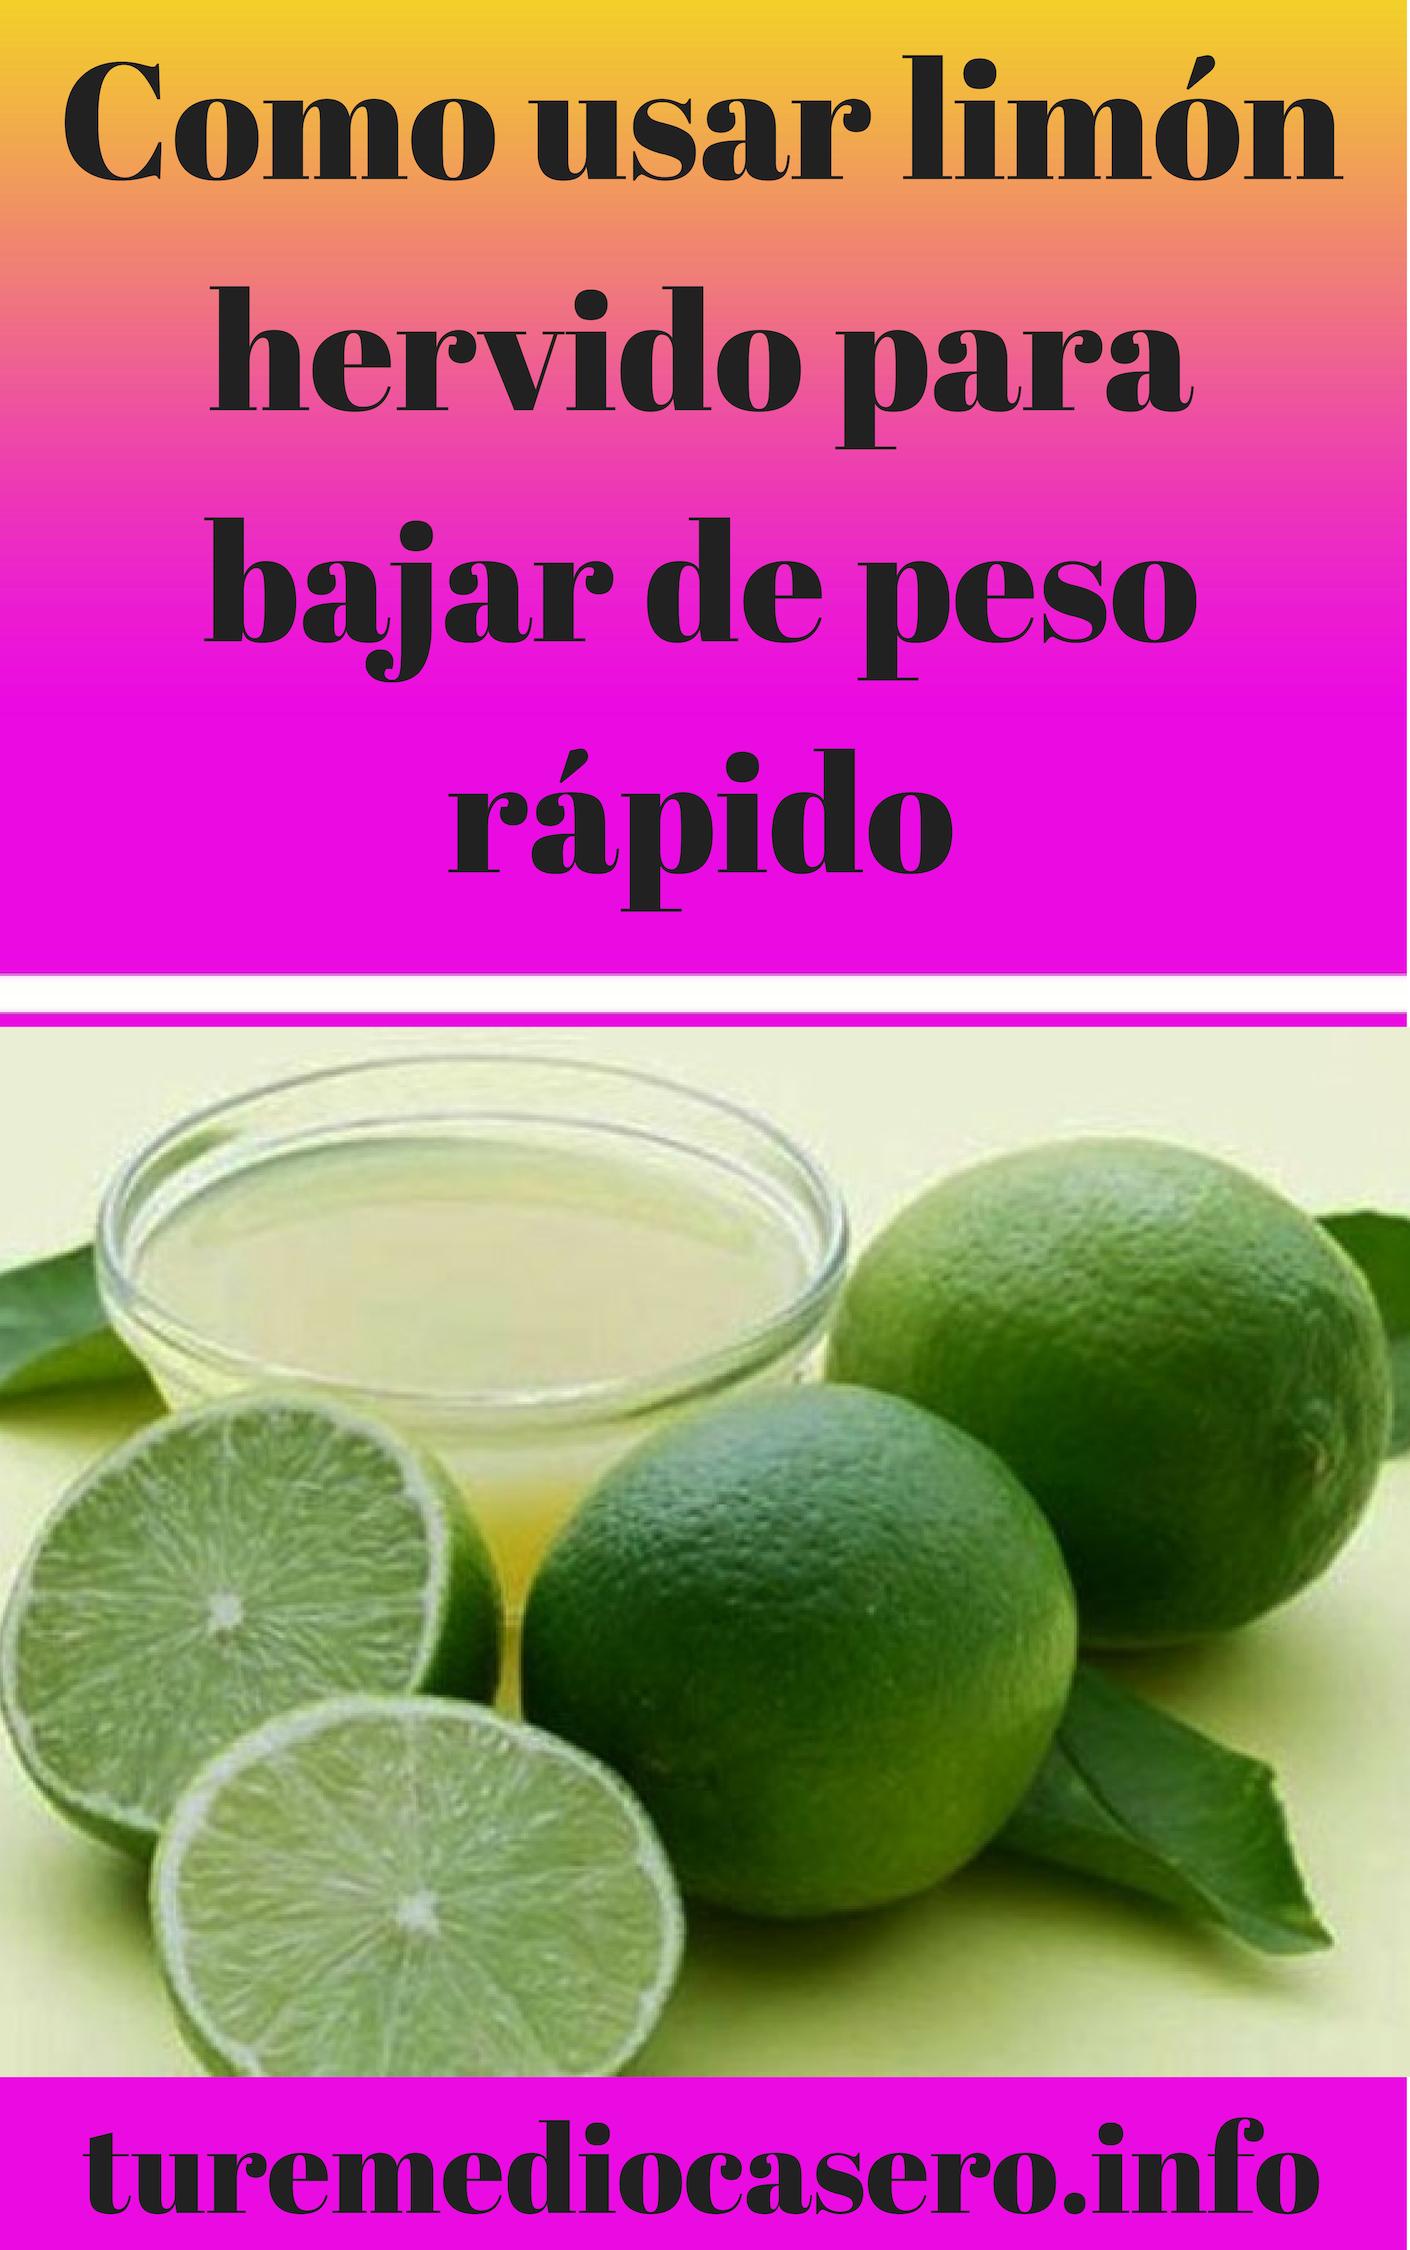 Limon hervido para el higado